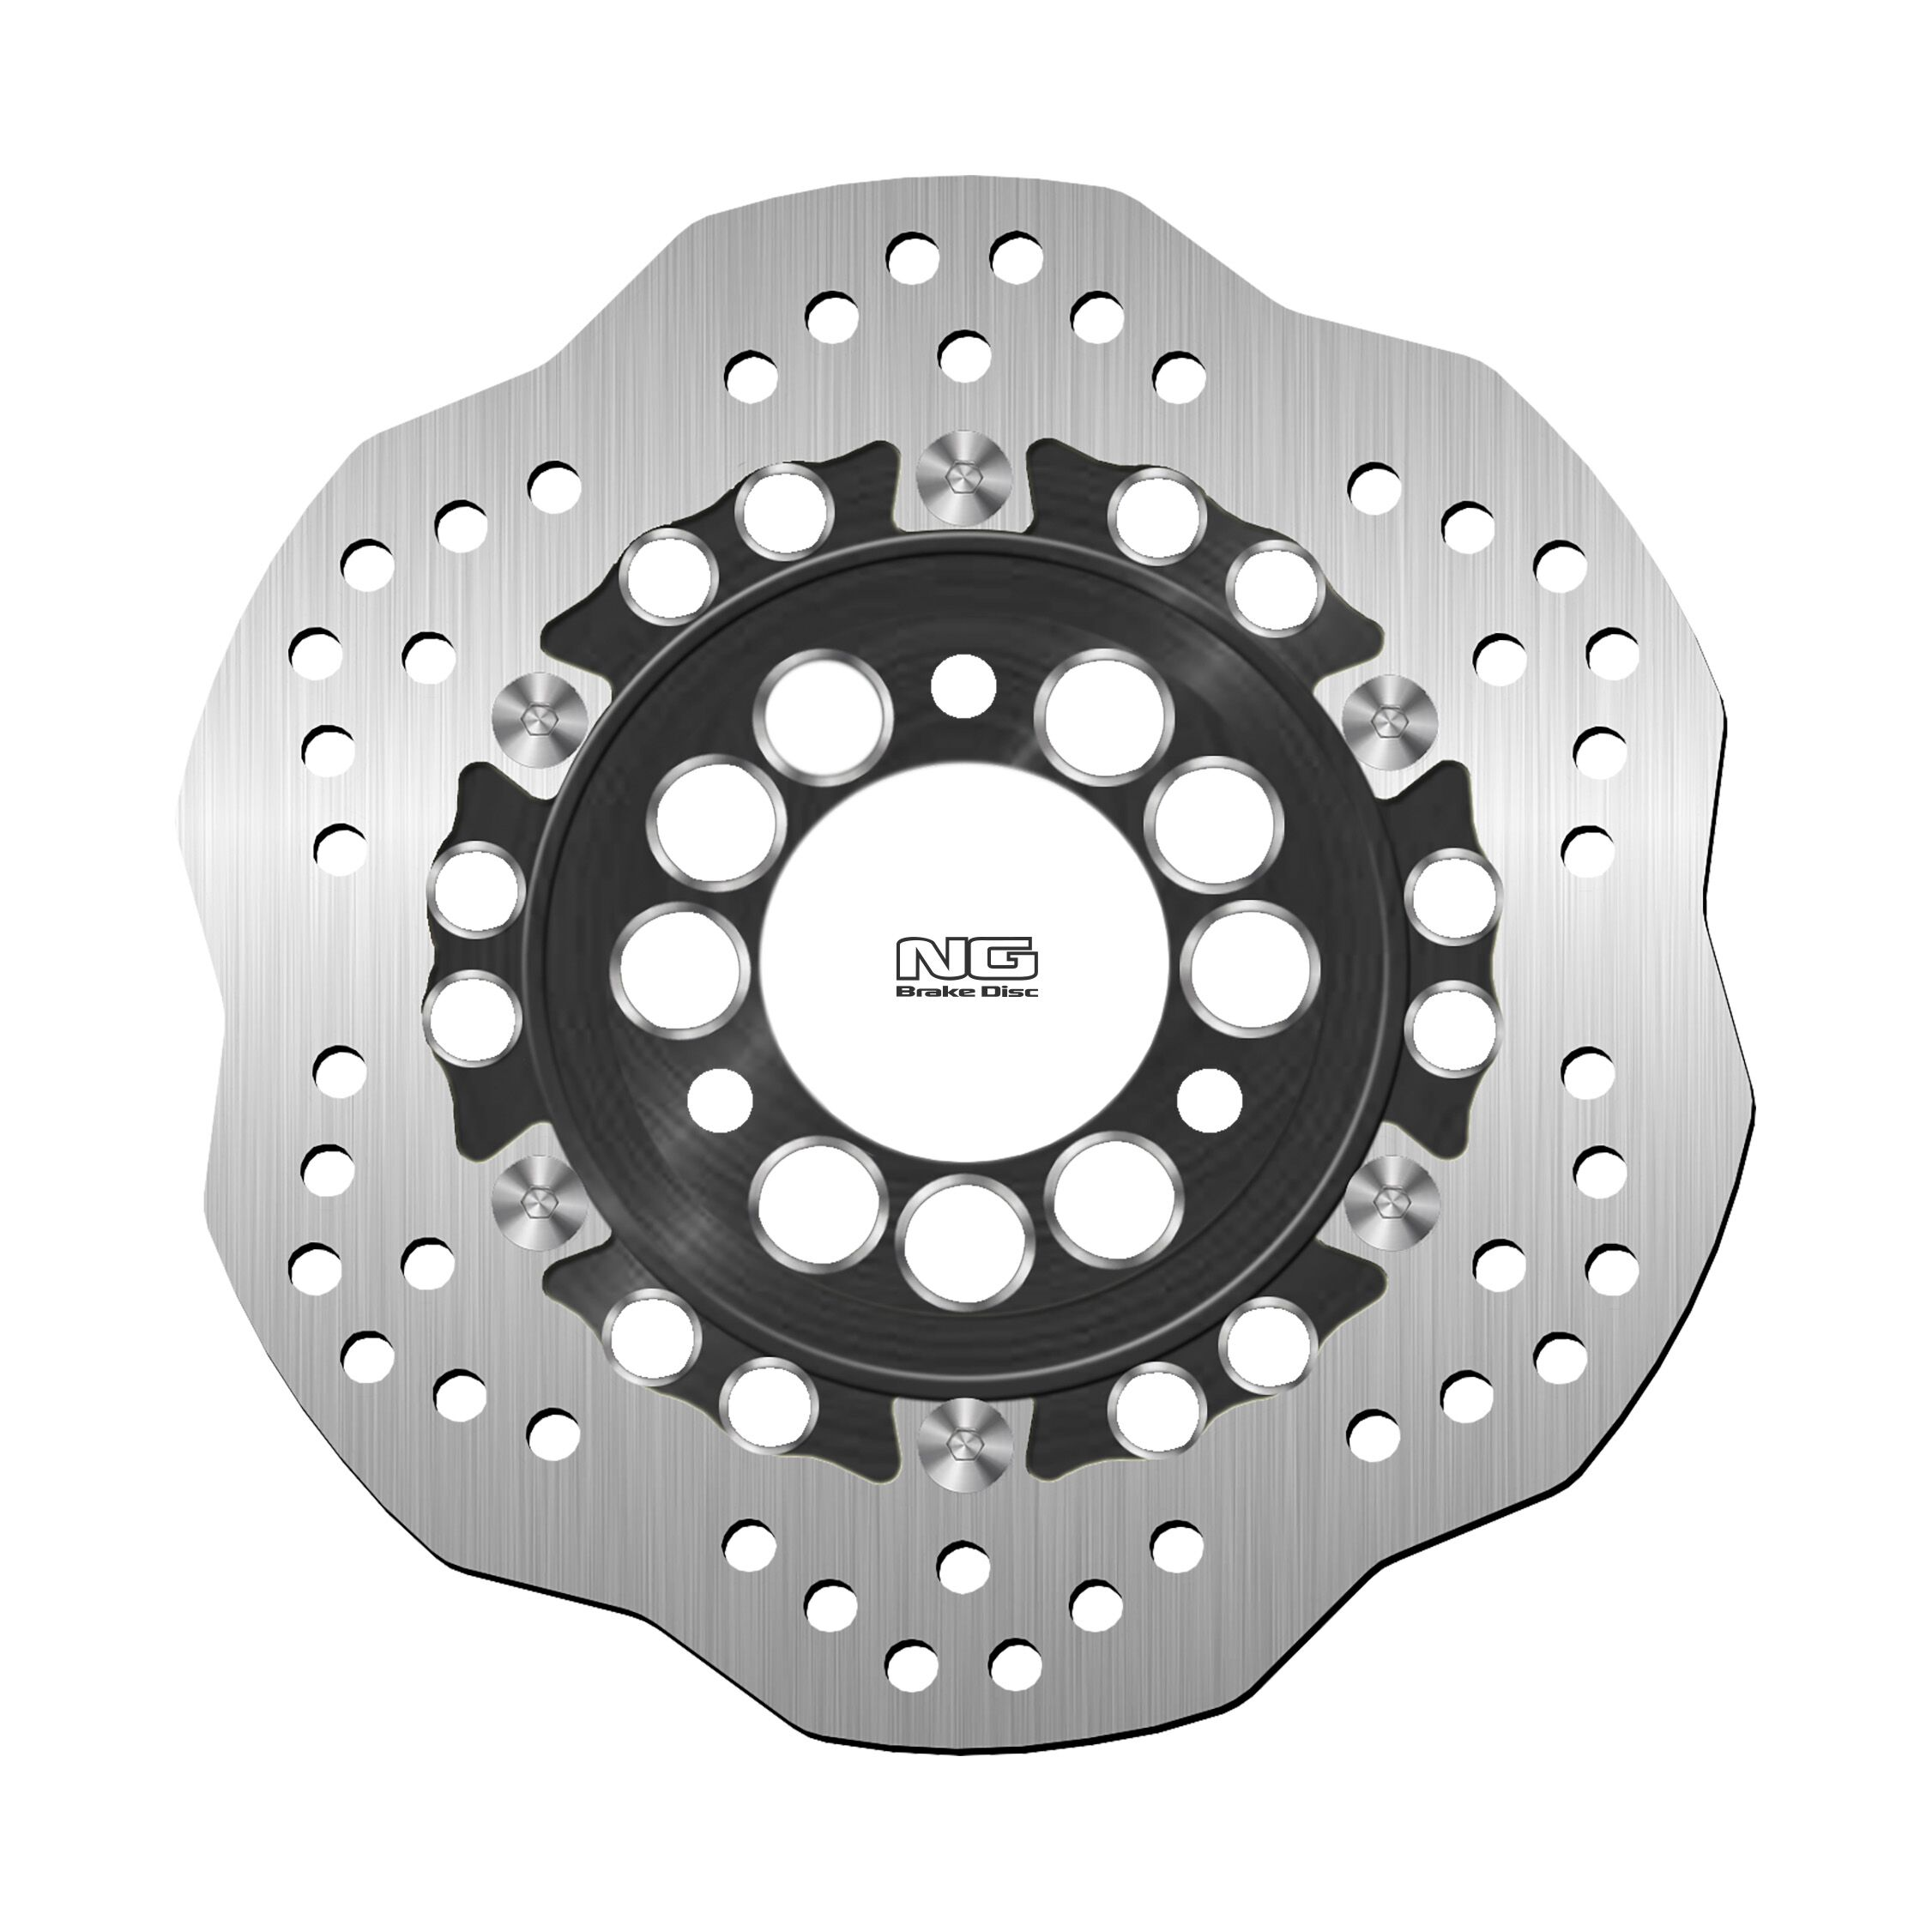 Obrázek produktu Brzdový kotouč NG Pravý; NS DLX / NS OTELLO